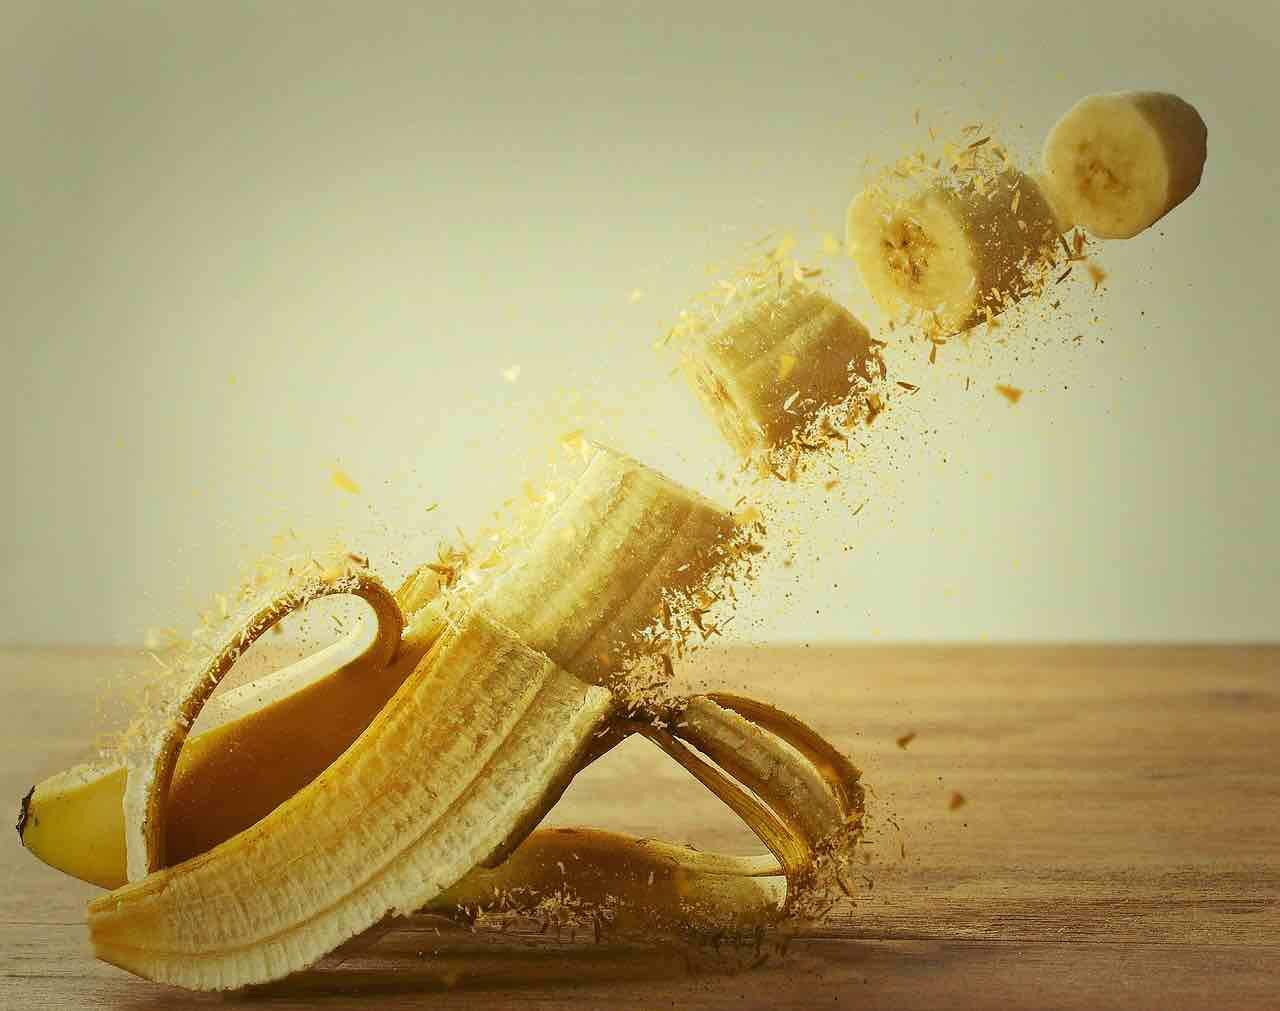 pulire banana